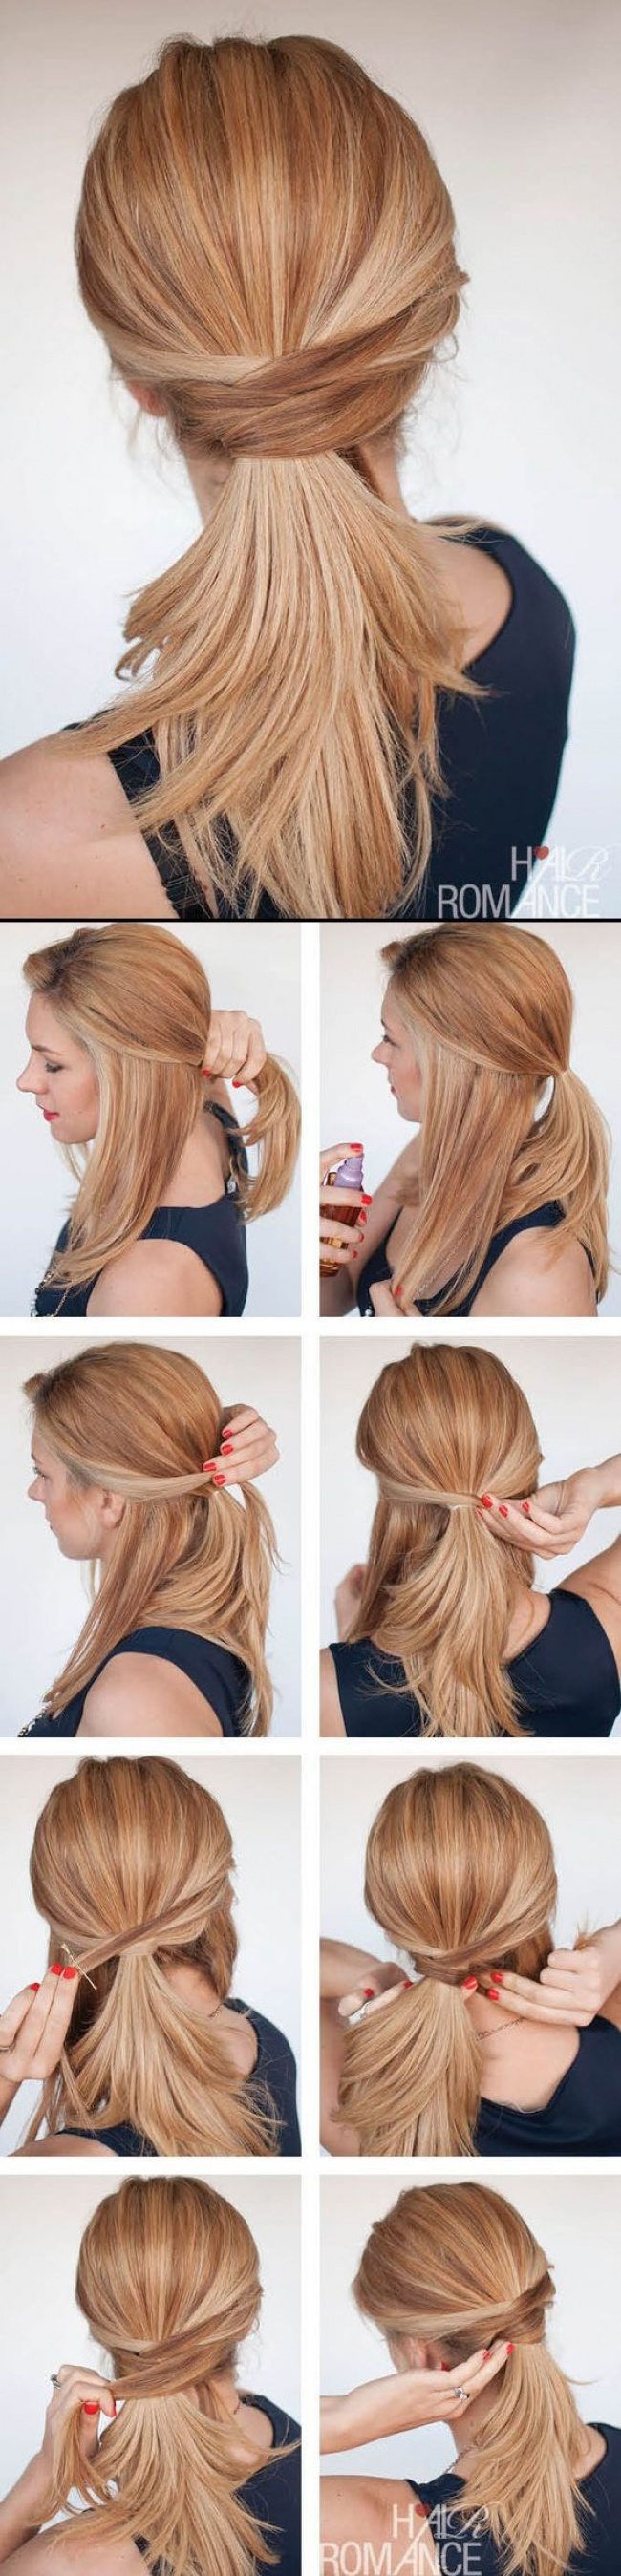 Մազերը գեղեցիկ հարդարելու 10 տարբերակ, եթե ուշանում եք